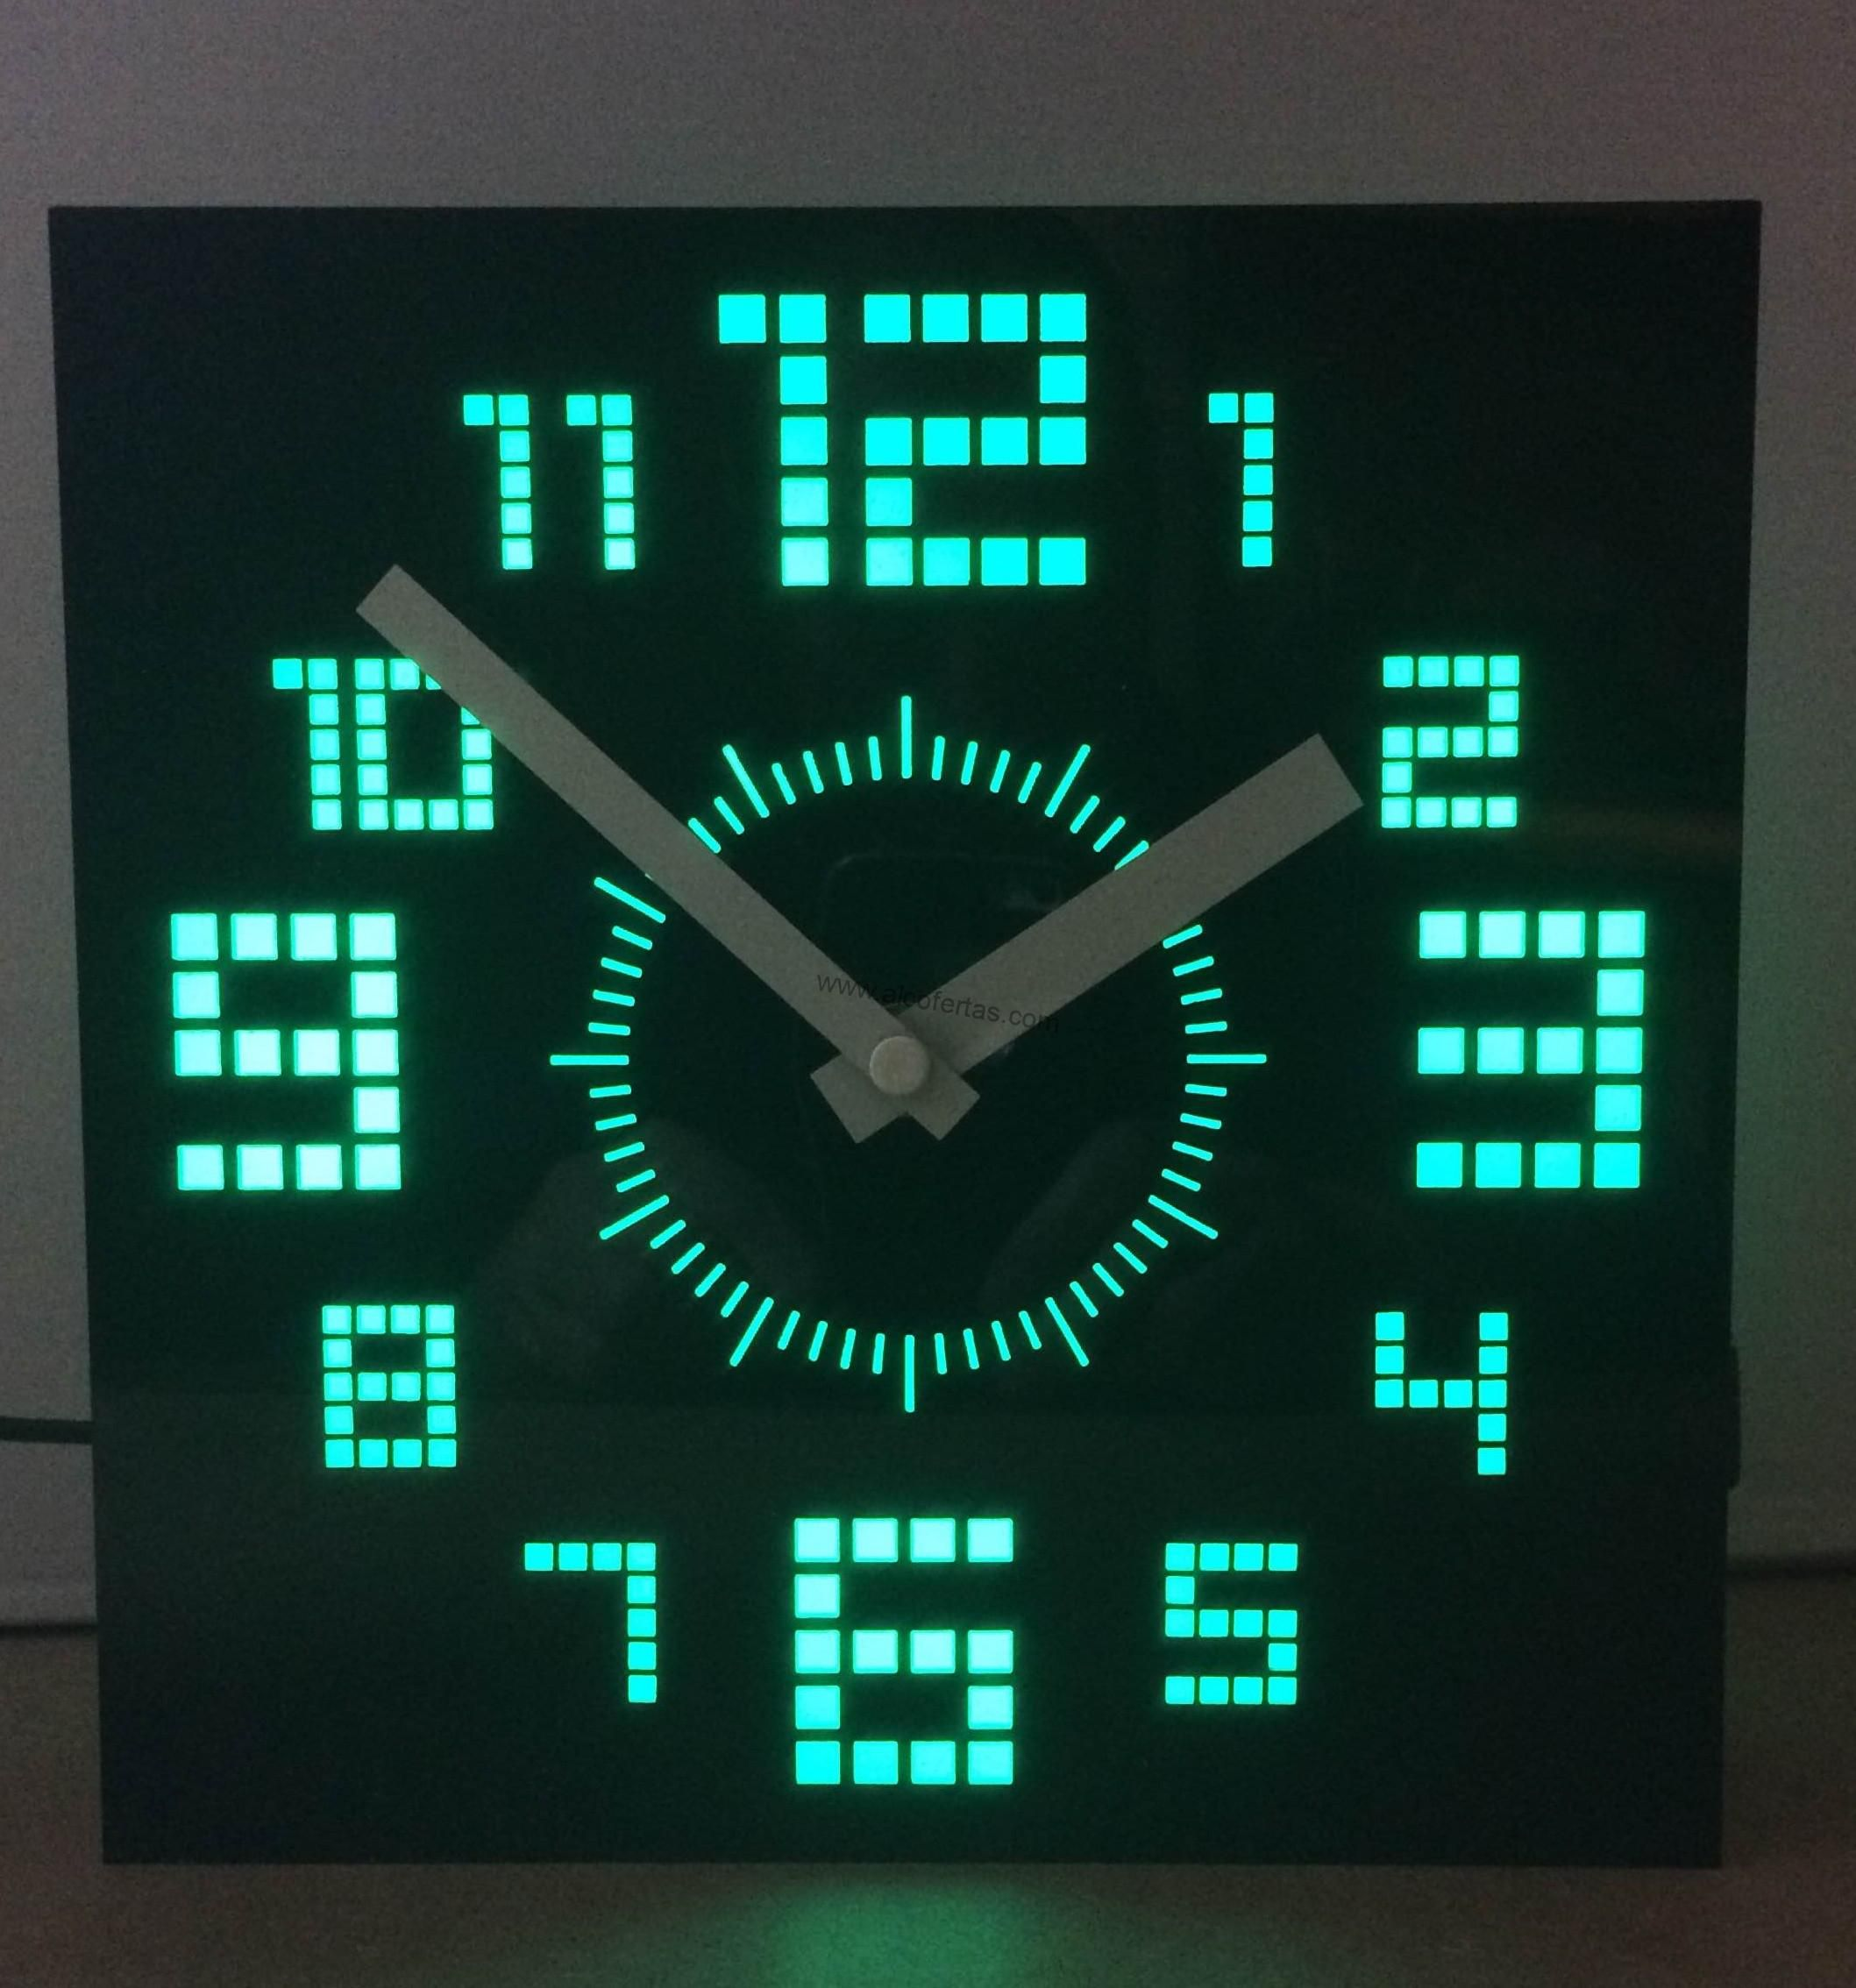 Reloj moderno, luces de led | Pinterest | Reloj digital de pared ...